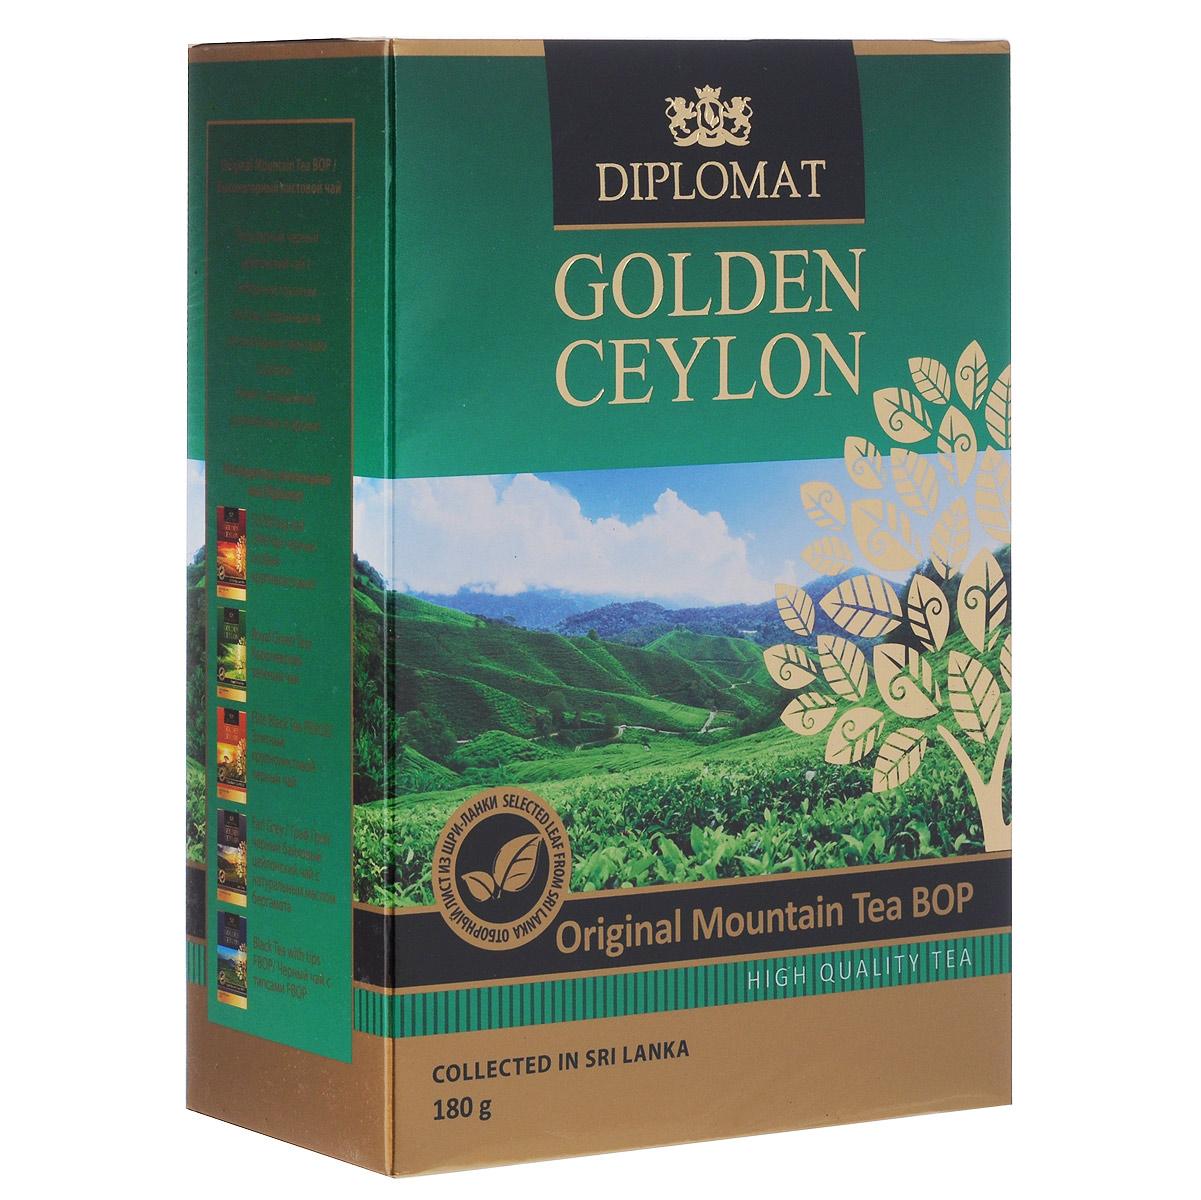 Diplomat Original Mountain Tea BOP черный листовой чай, 180 г4623721180613Популярный черный цейлонский чай Diplomat Original Mountain Tea BOP с отборным ломаным листом, собранным на высокогорных плантациях о.Цейлон. Имеет насыщенный крепкий вкус и аромат.